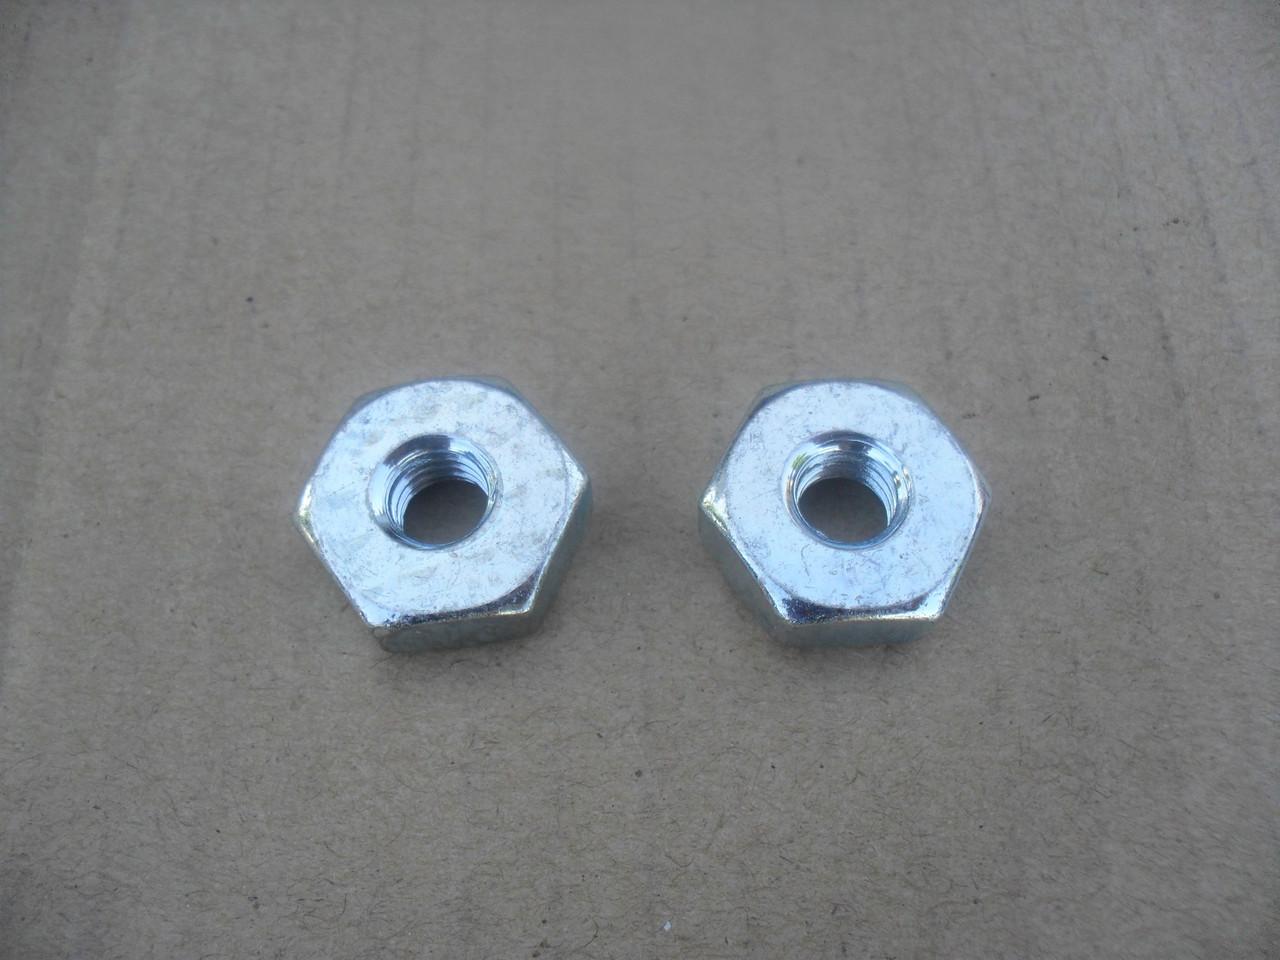 Bar Nuts for Stihl 028AV, 032AV, 034AV, 041AV, 042AV, 045AV, 00009550801,  0000 955 0801 Set of 2, chainsaw chain saw